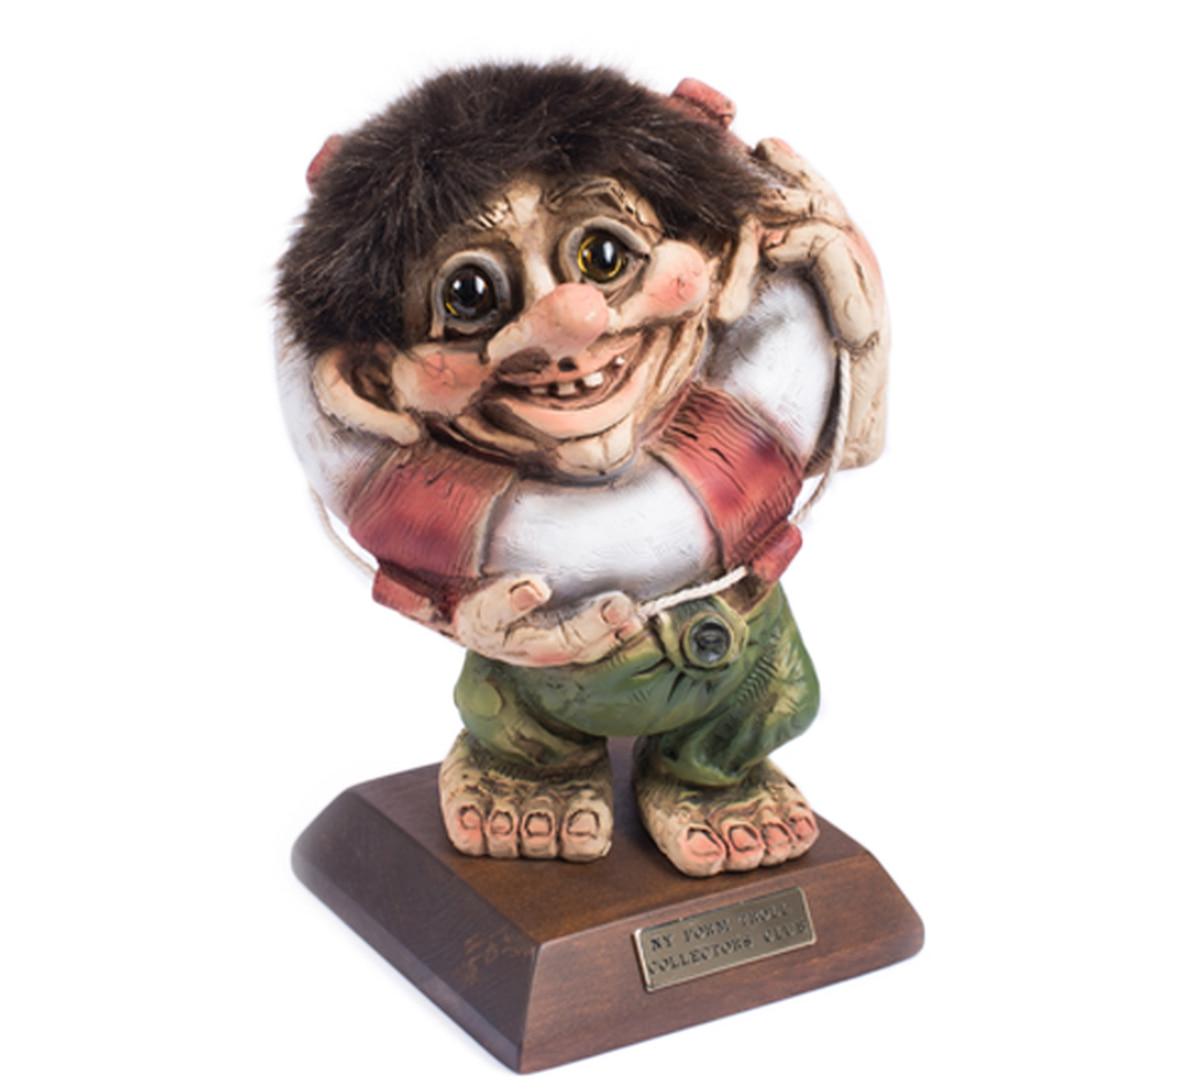 Club troll 2017, Limited edition 2017 (Troll # 520)